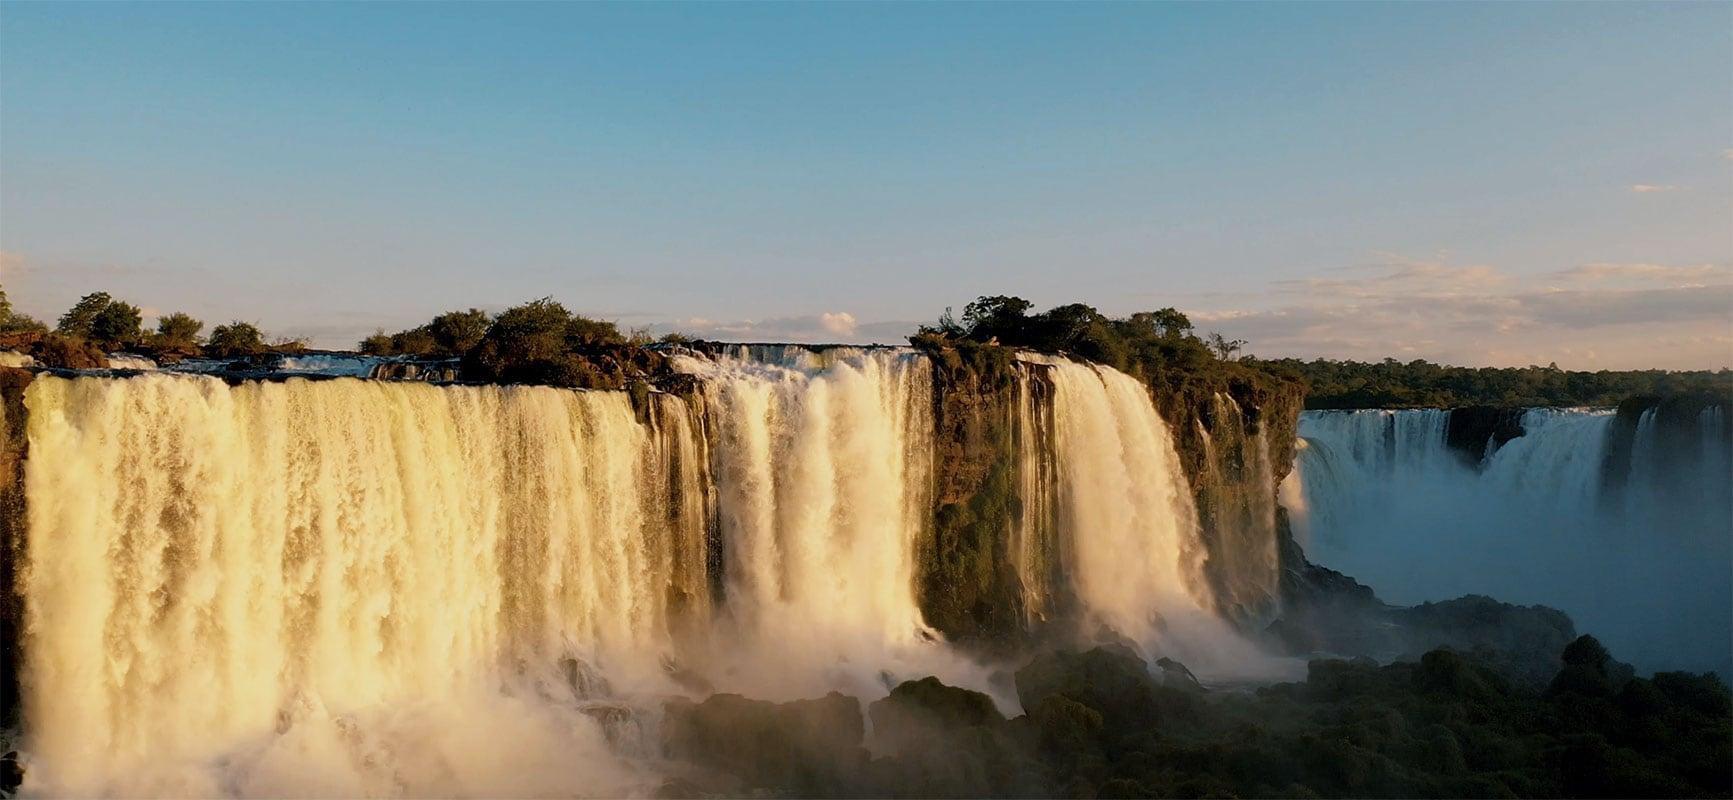 Cataratas do Iguaçu - Foz do Iguaçu - Paraná, Brasil